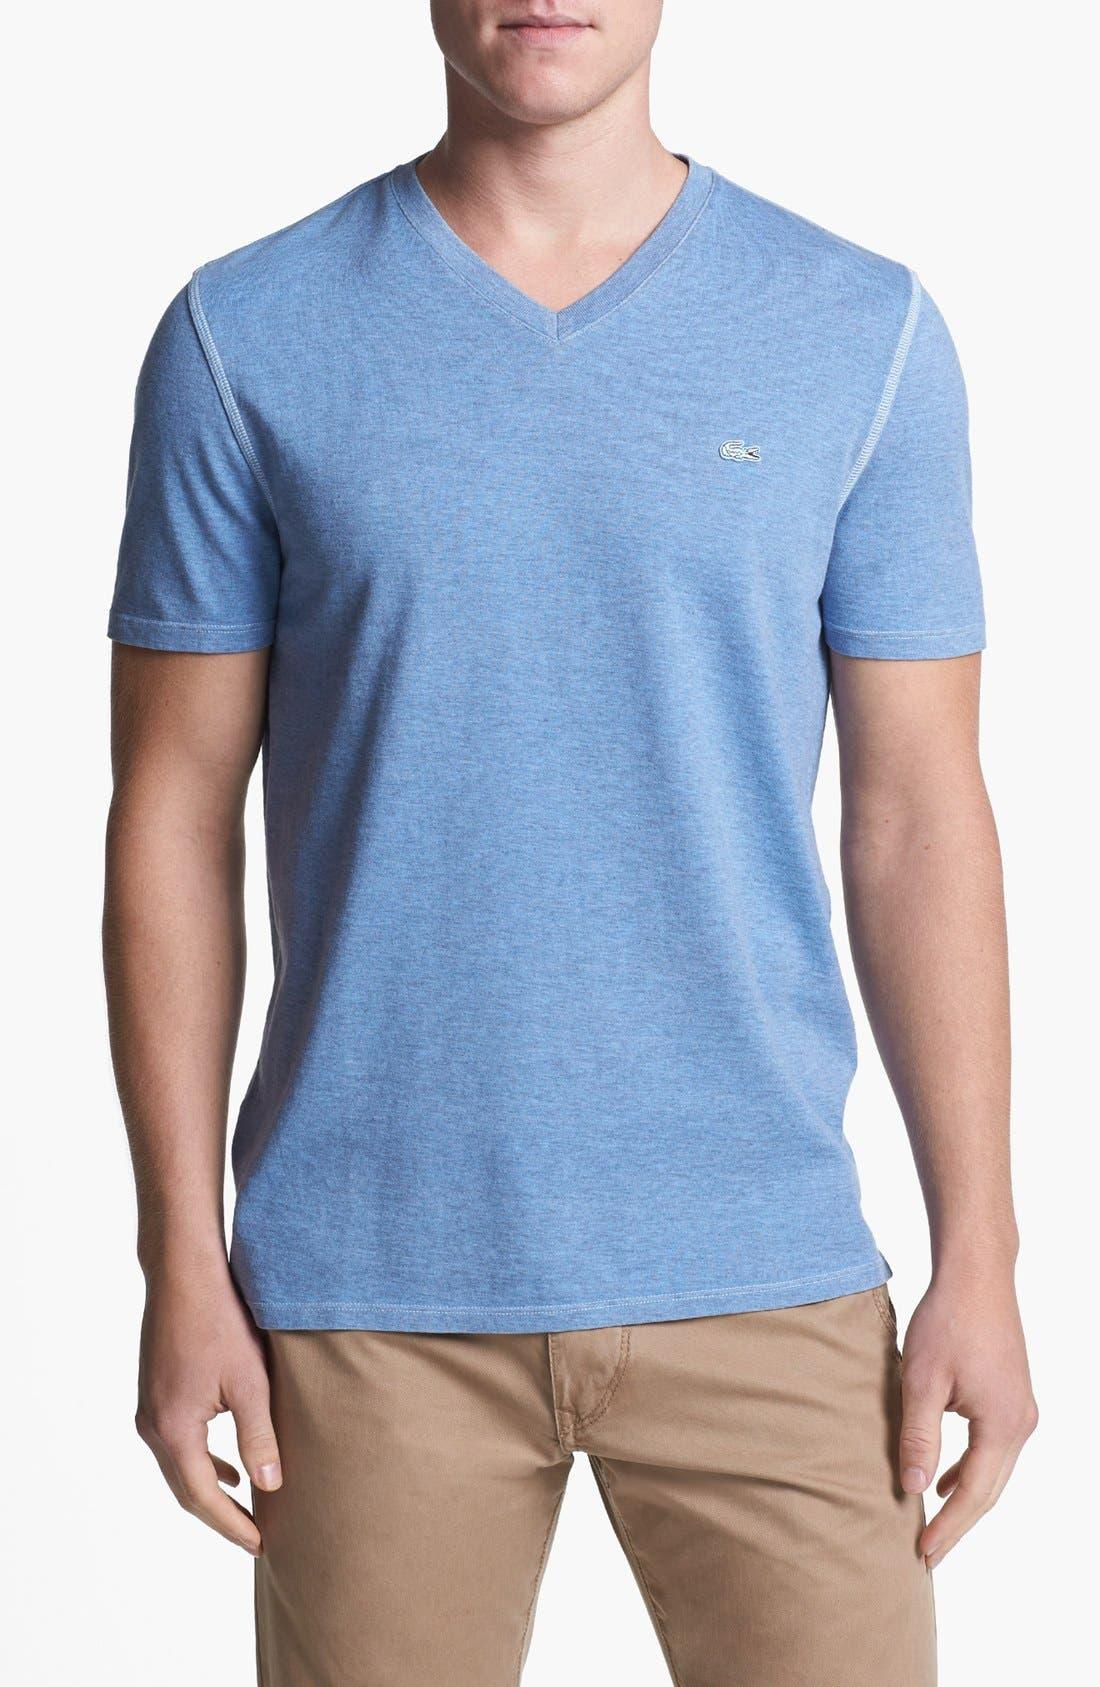 Main Image - Lacoste Vintage Wash V-Neck T-Shirt